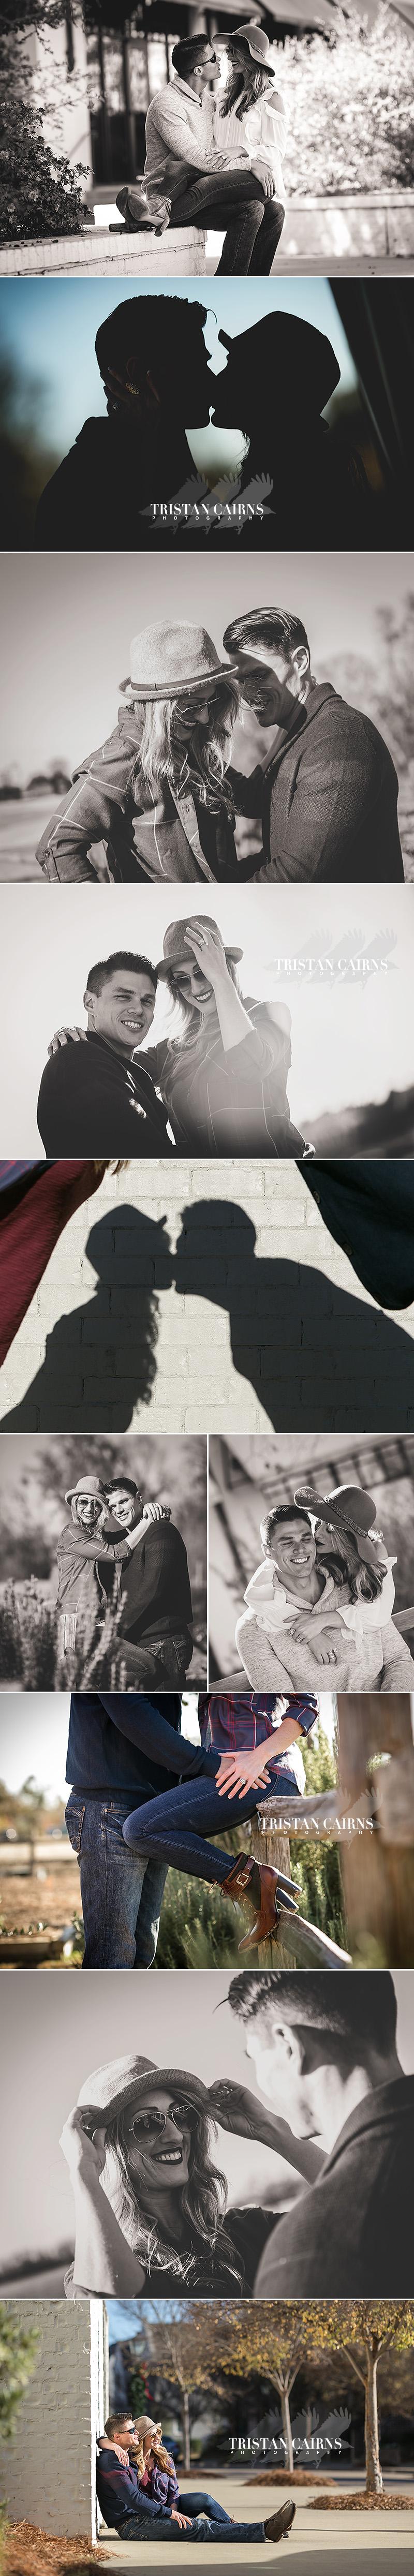 mongtomery-wedding-photographer-2